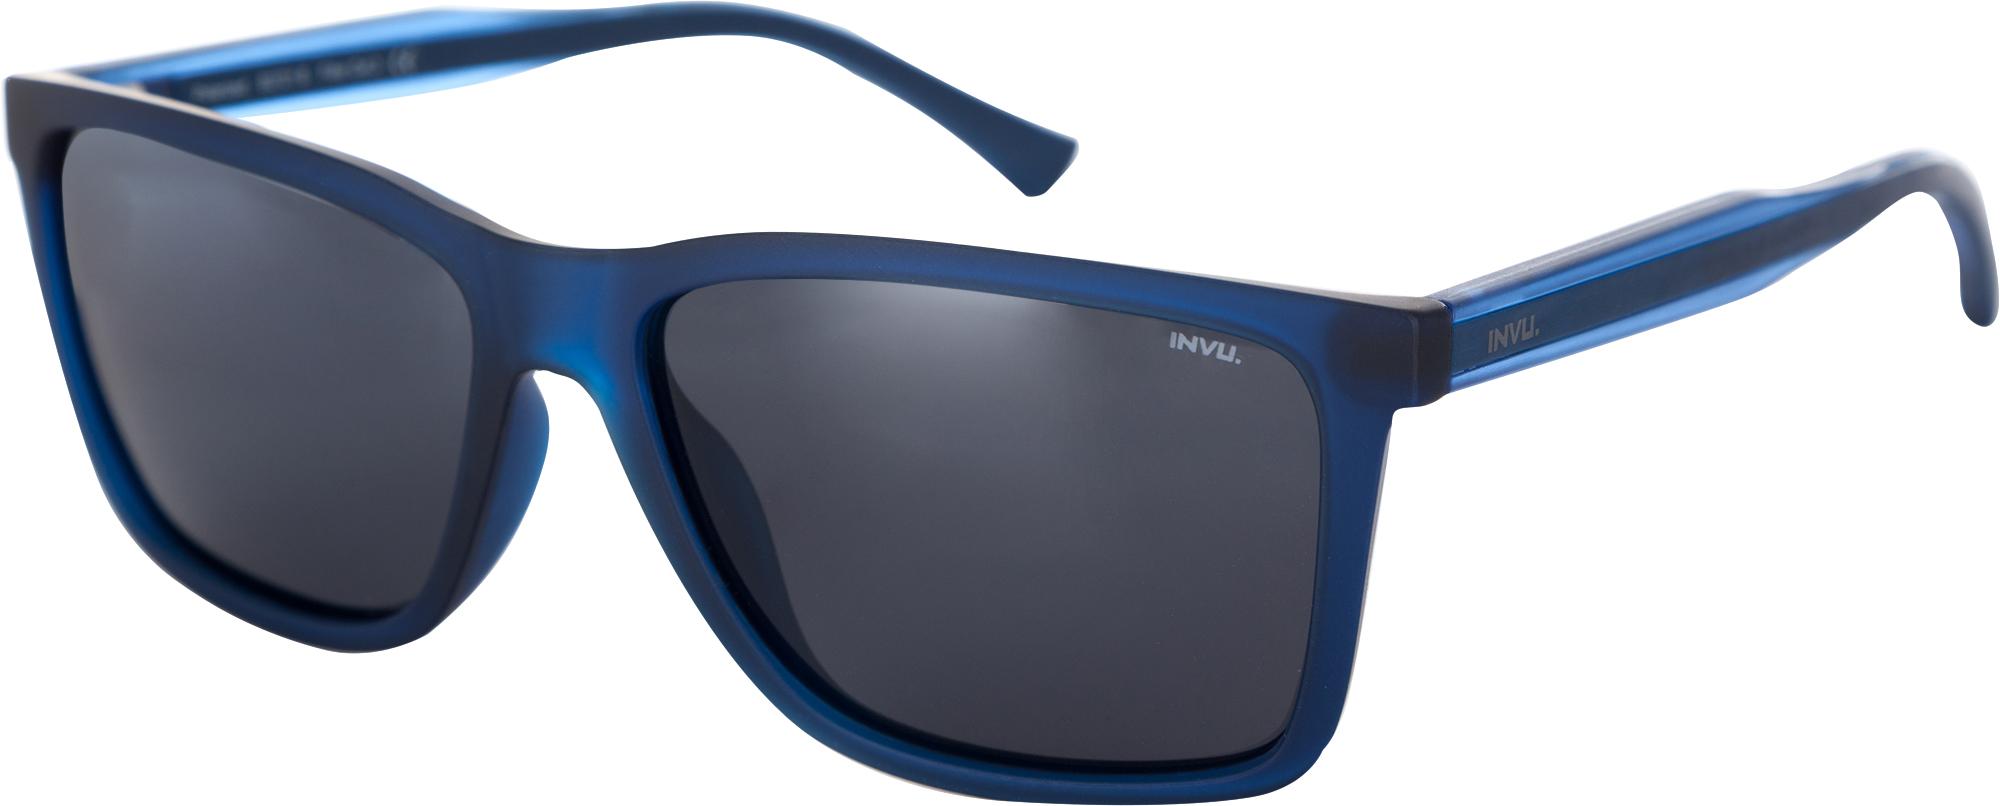 Invu Солнцезащитные очки мужские Invu loho очки солнцезащитные очки мужские спортивные жизнь простой синий ящик очки коробка p3036